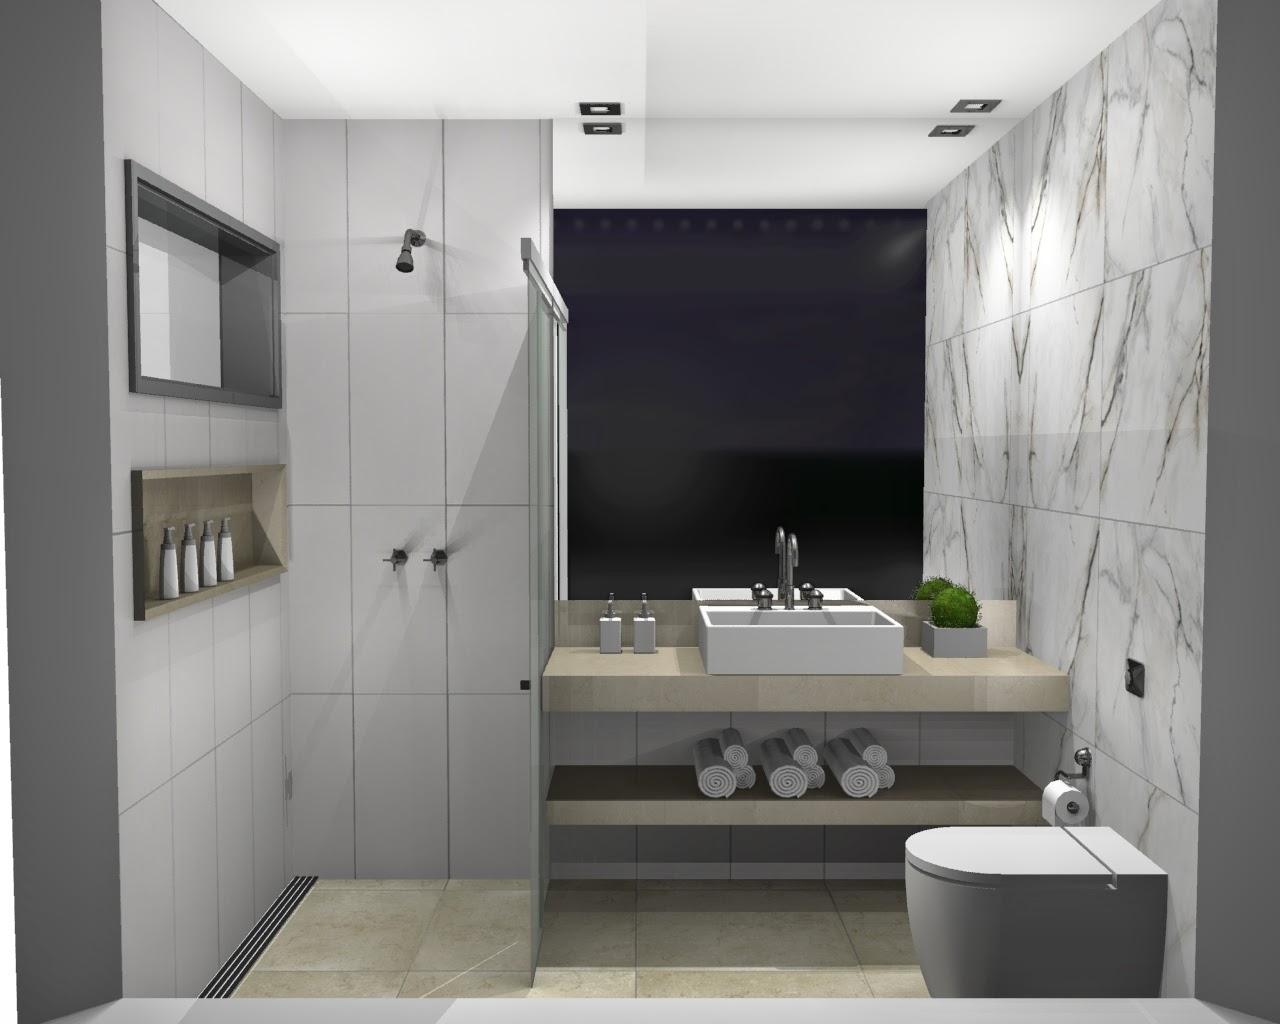 paredes) Revestimento branco acetinado tamanho 30x60 e retificado  #4B5D2F 1280x1024 Banheiro Com Porcelanato Madeira